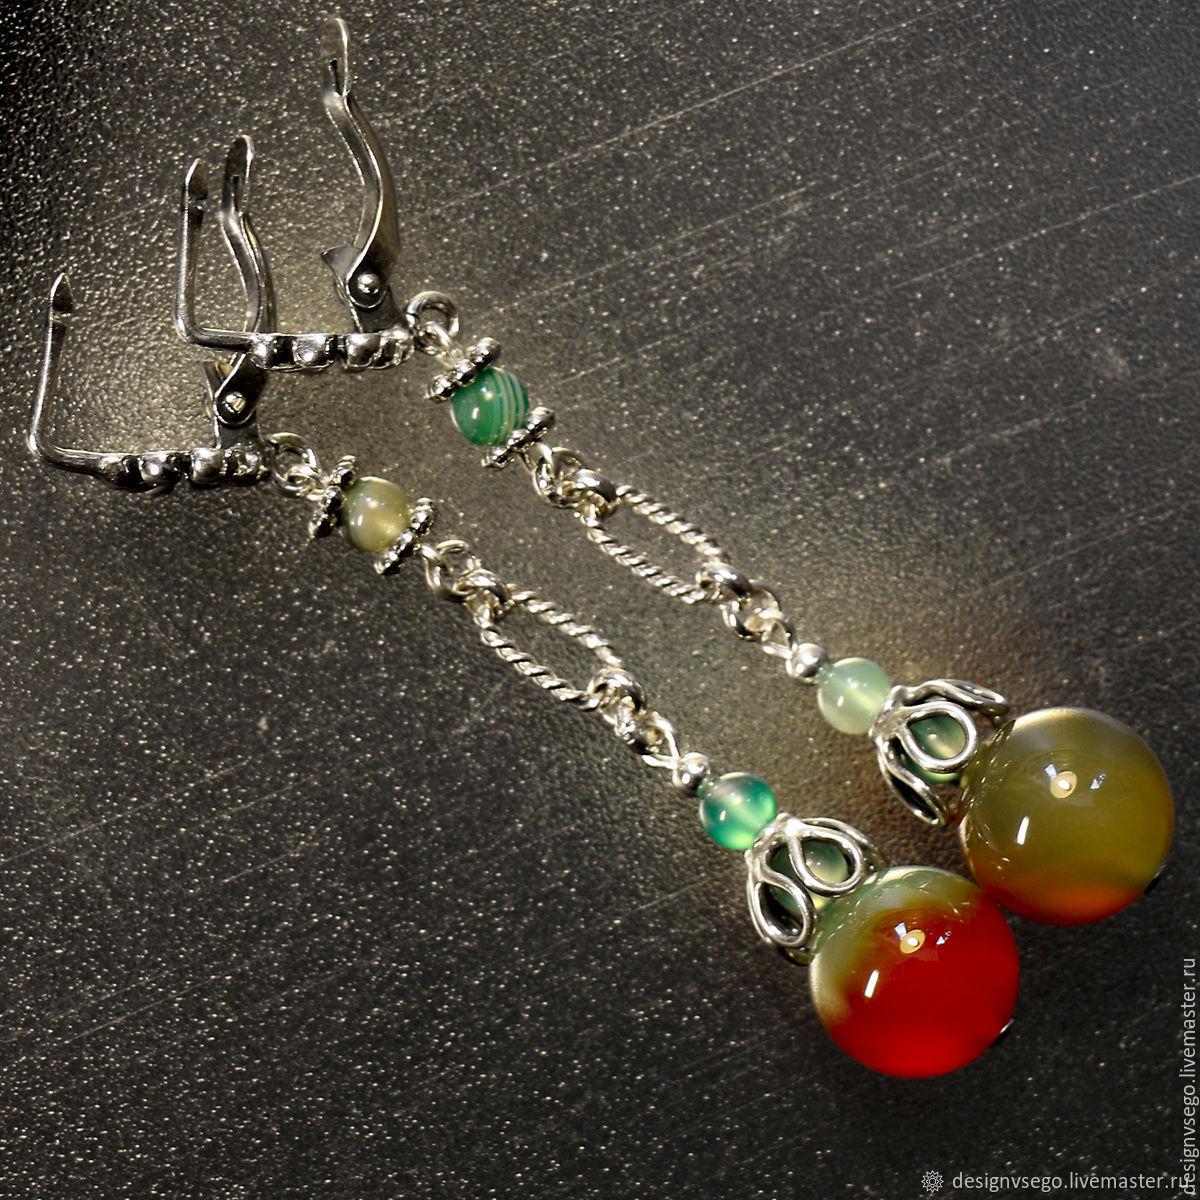 Bright agate earrings, Earrings, Moscow,  Фото №1